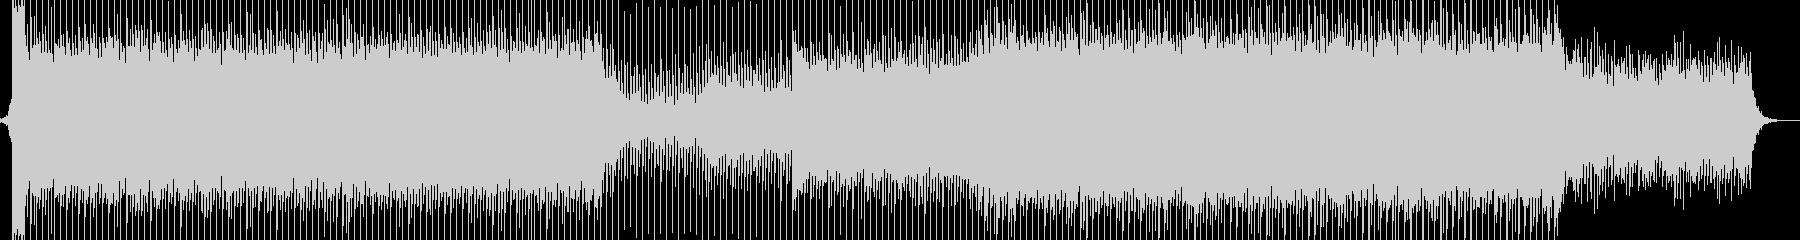 EDM明るいクラブ系キラキラシンセ-02の未再生の波形